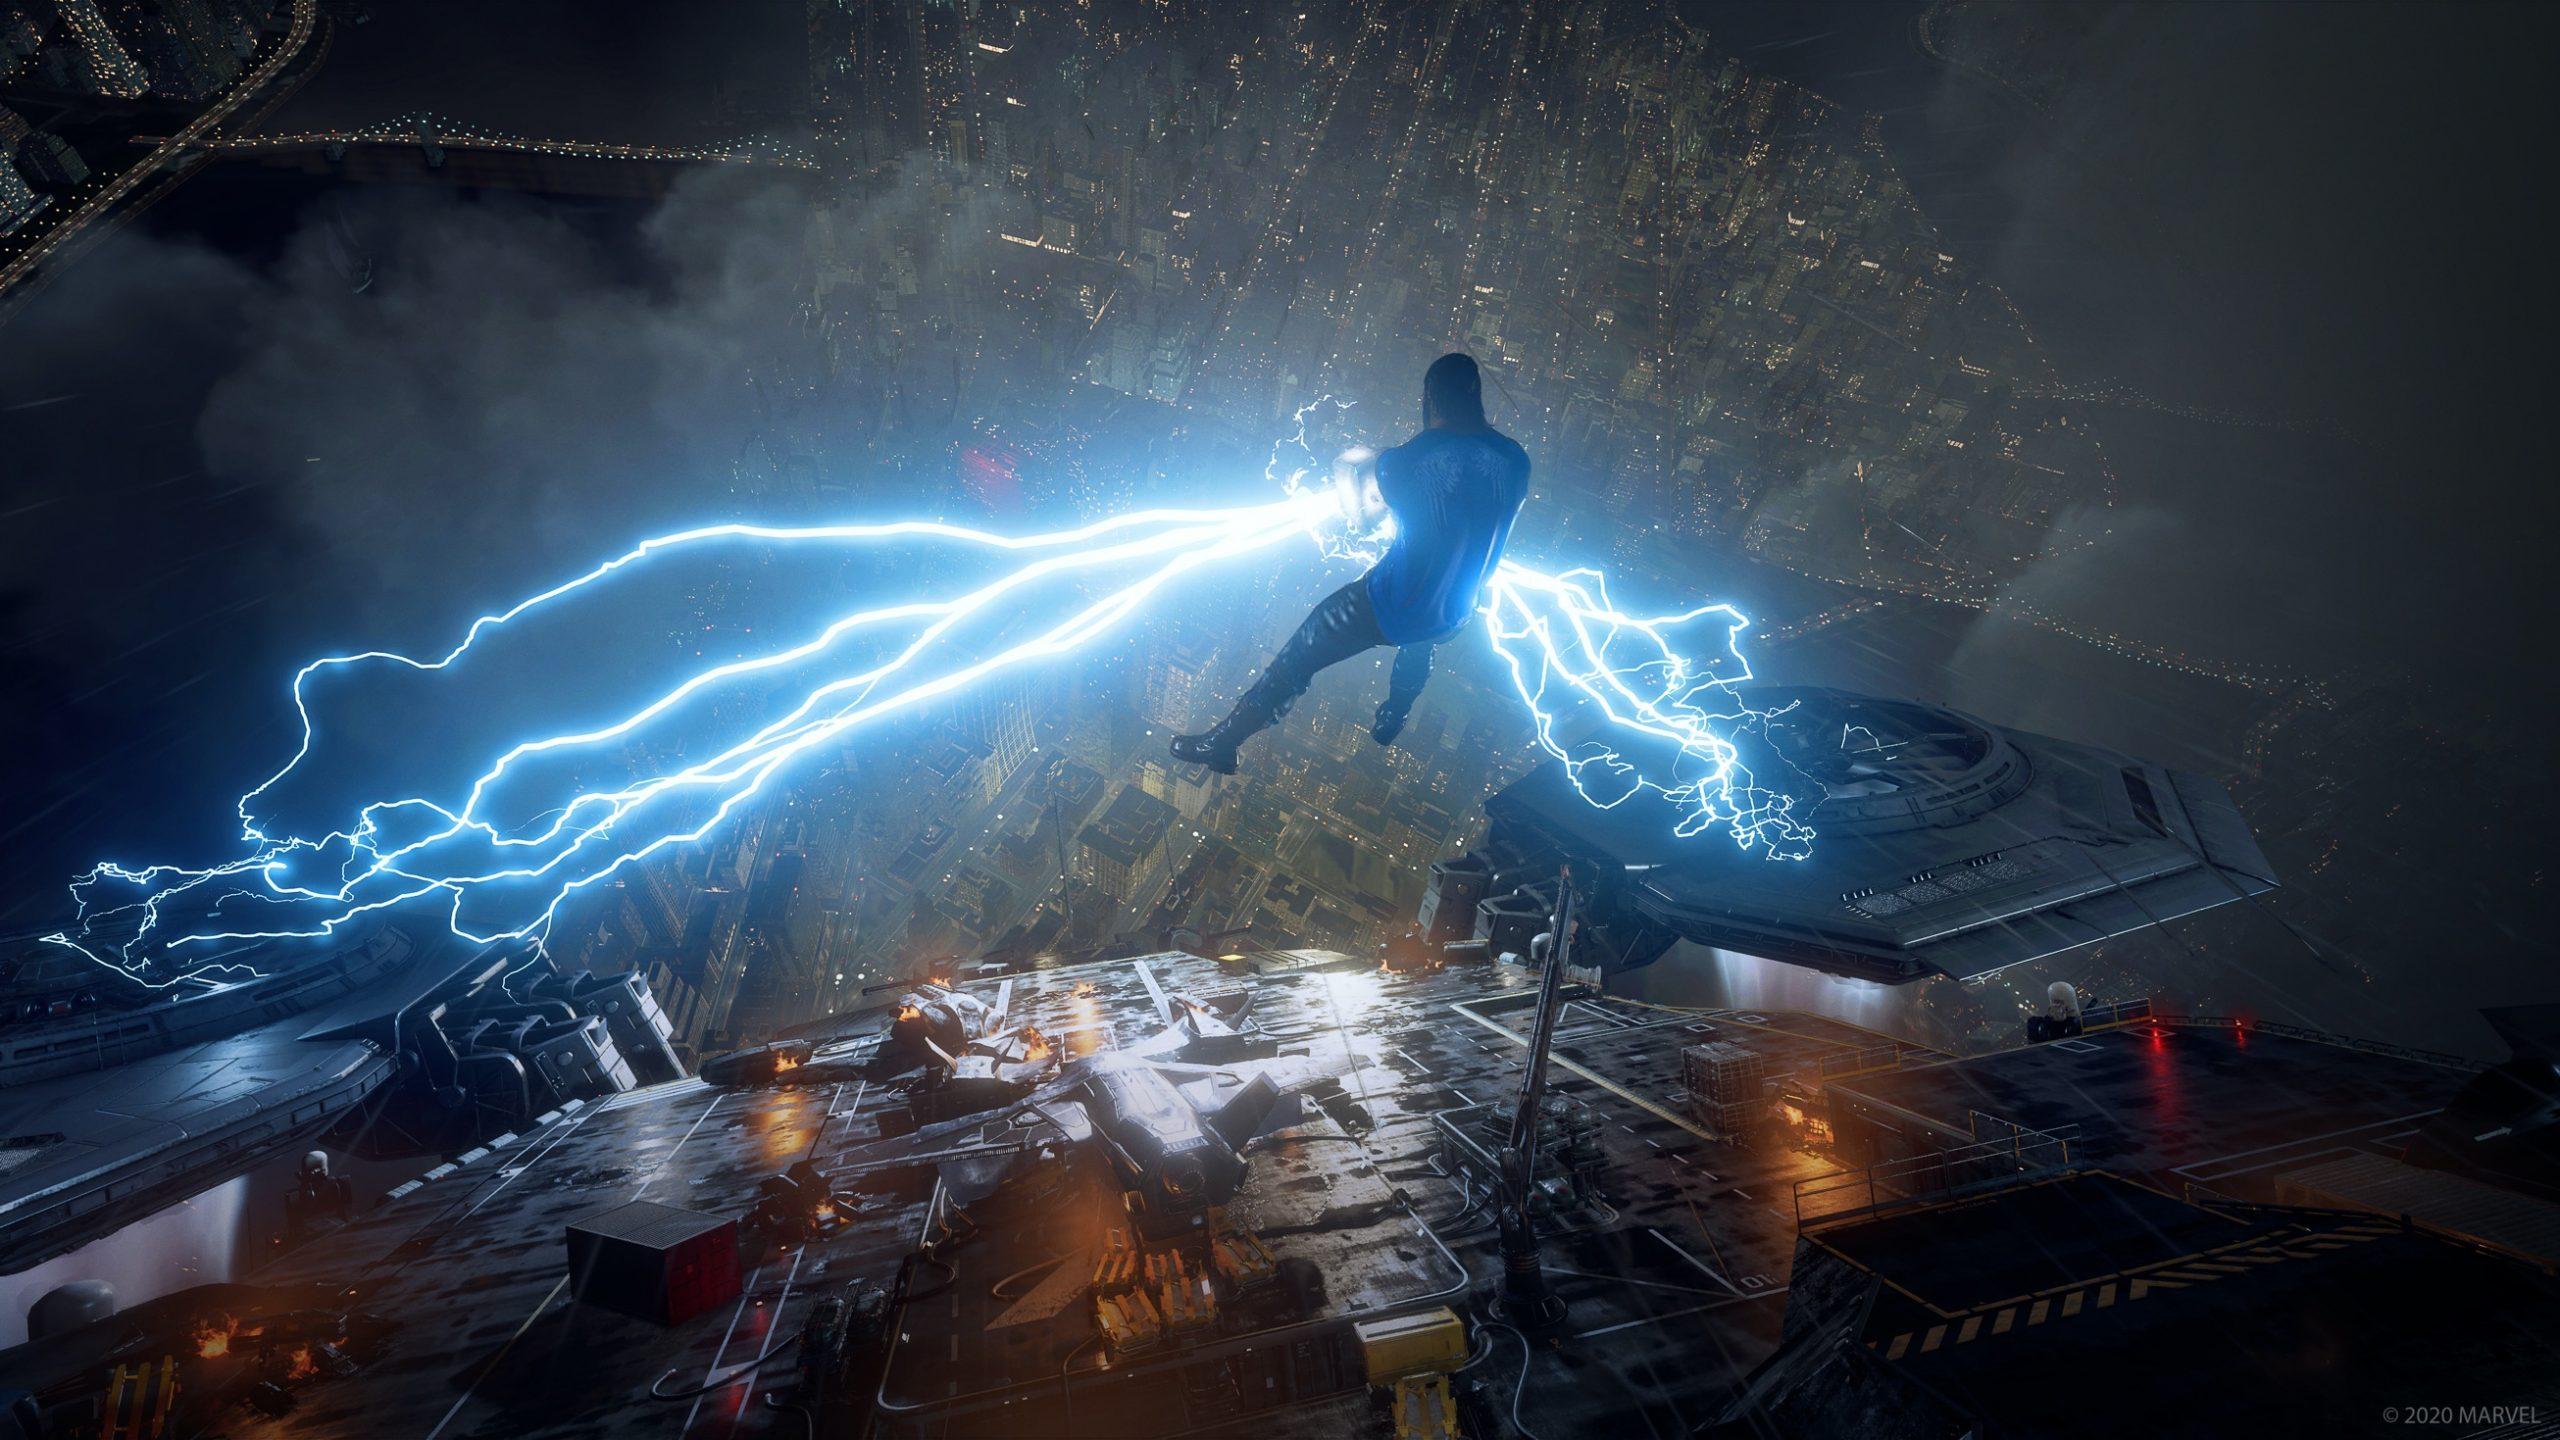 Marvel's Avengers Man shooting lightning